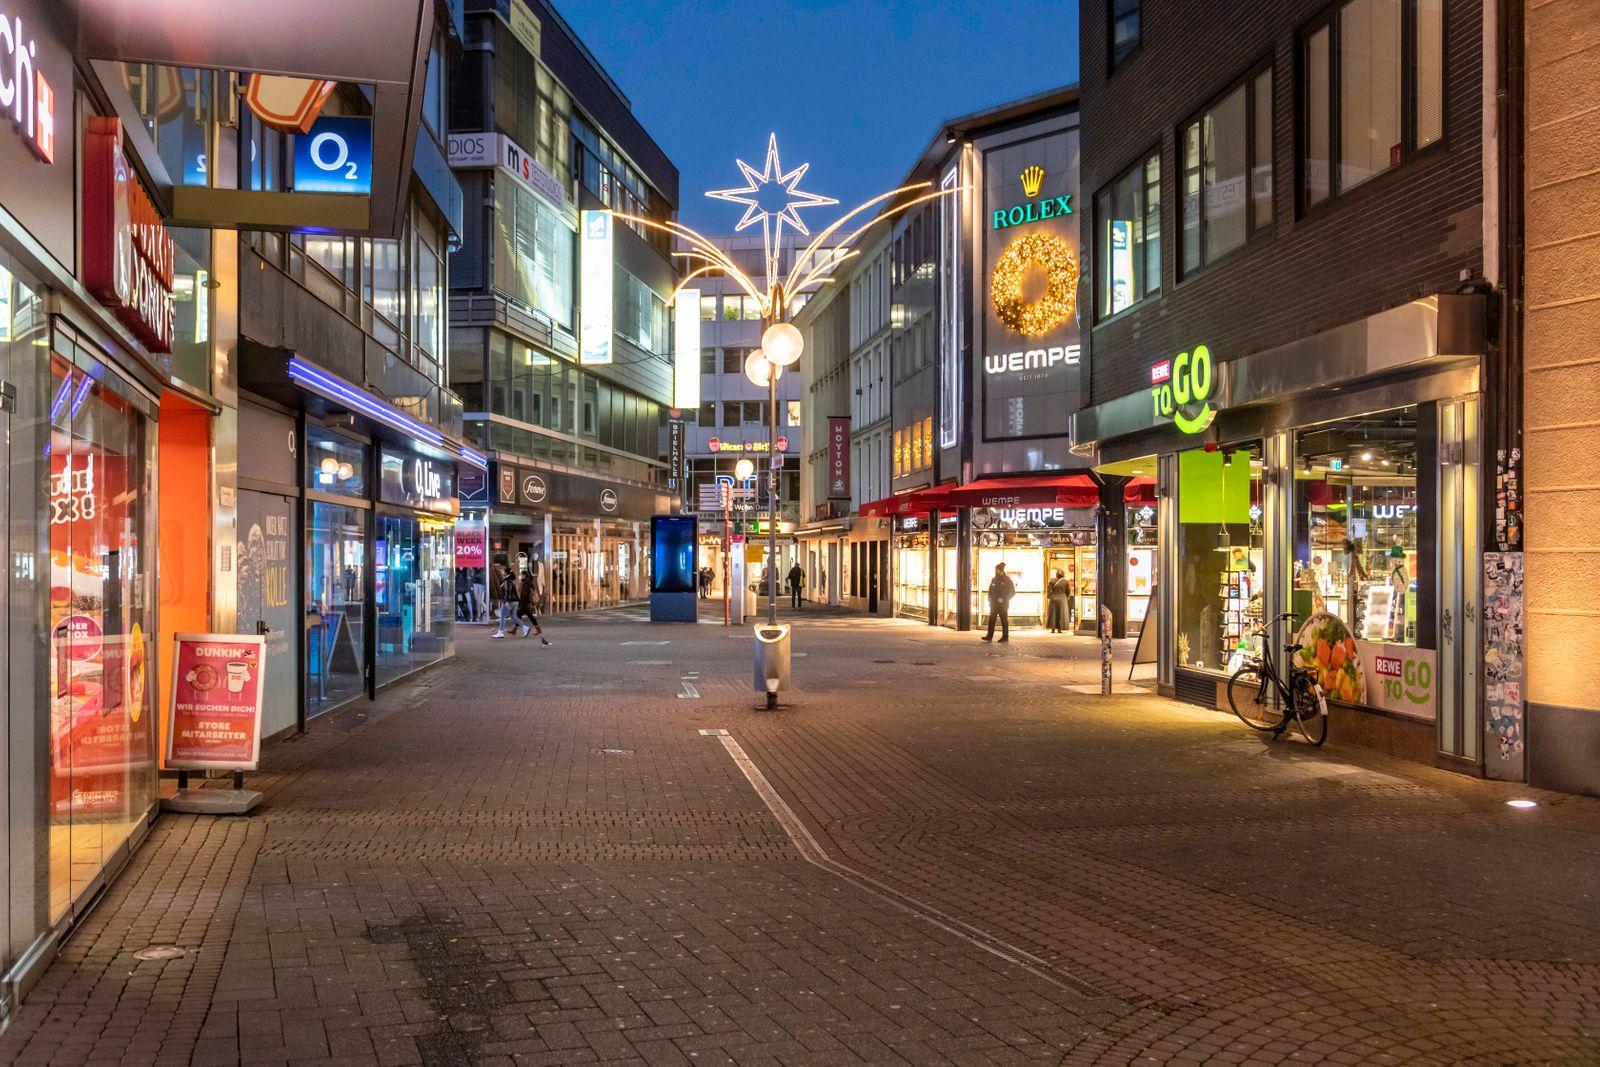 Einkaufsstraßen in Köln nach dem Lockdown in der Corona Krise - Fußgängerzone Schildergasse *** Shopping streets in Colo